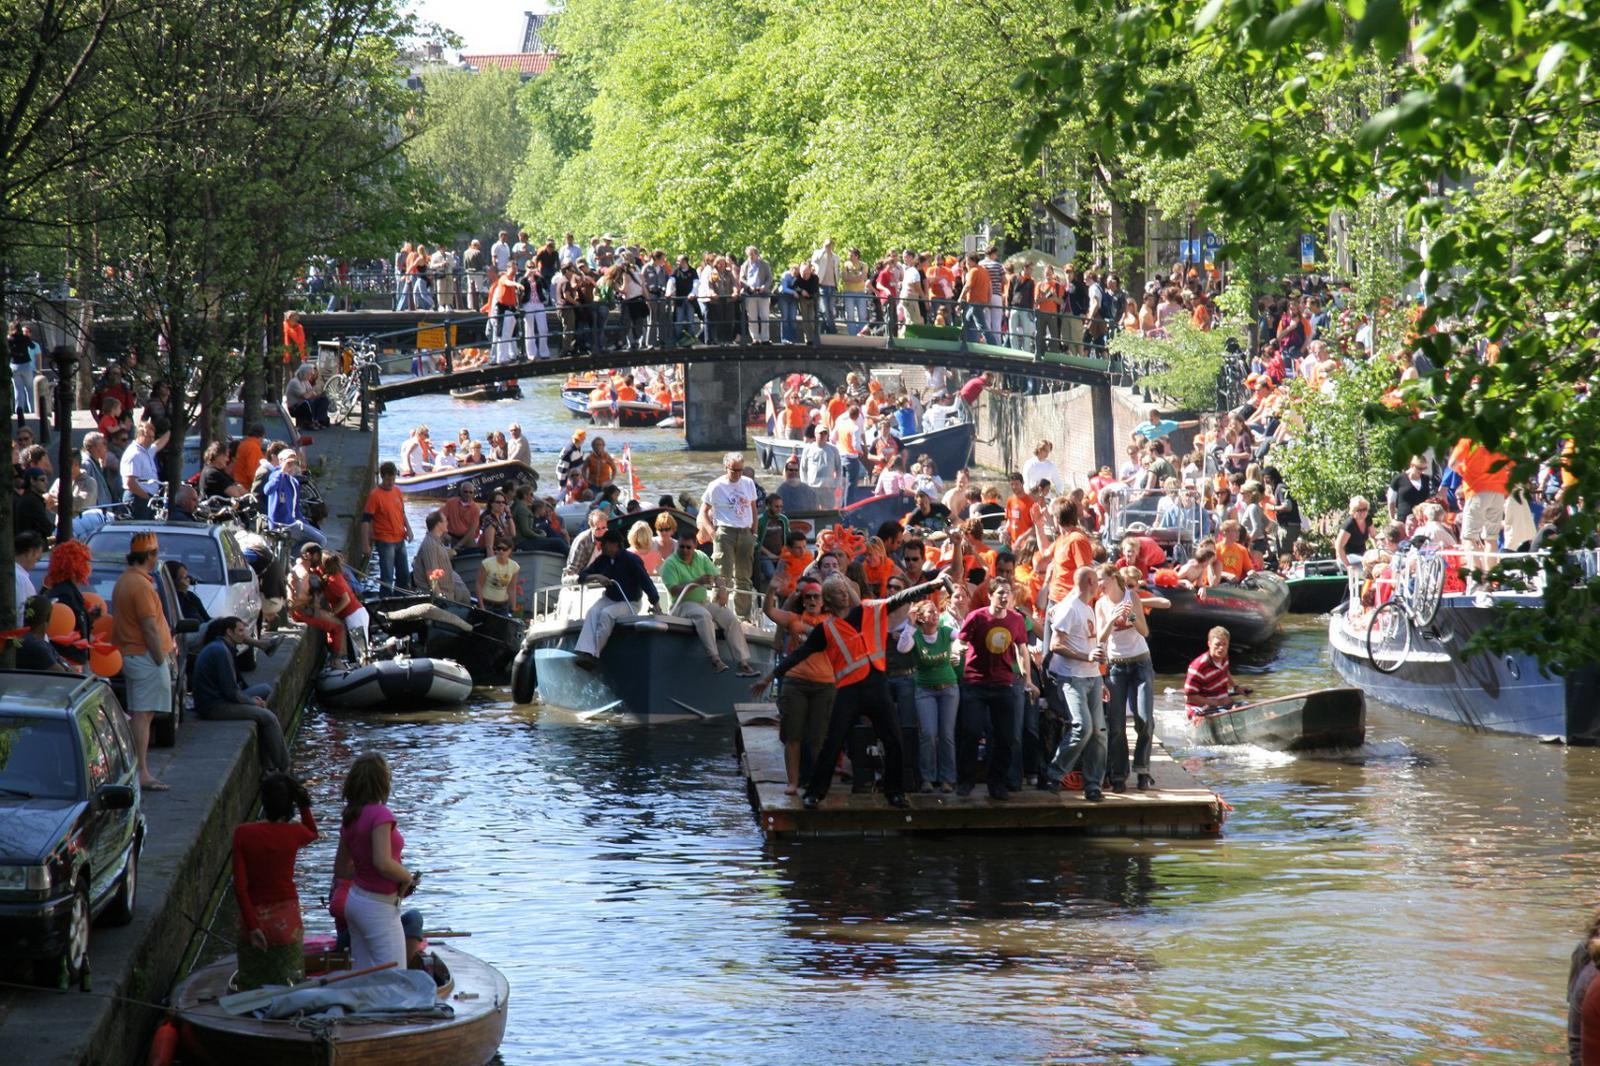 fiestas del mundo La fiesta también se traslada a las embarcaciones del canal.